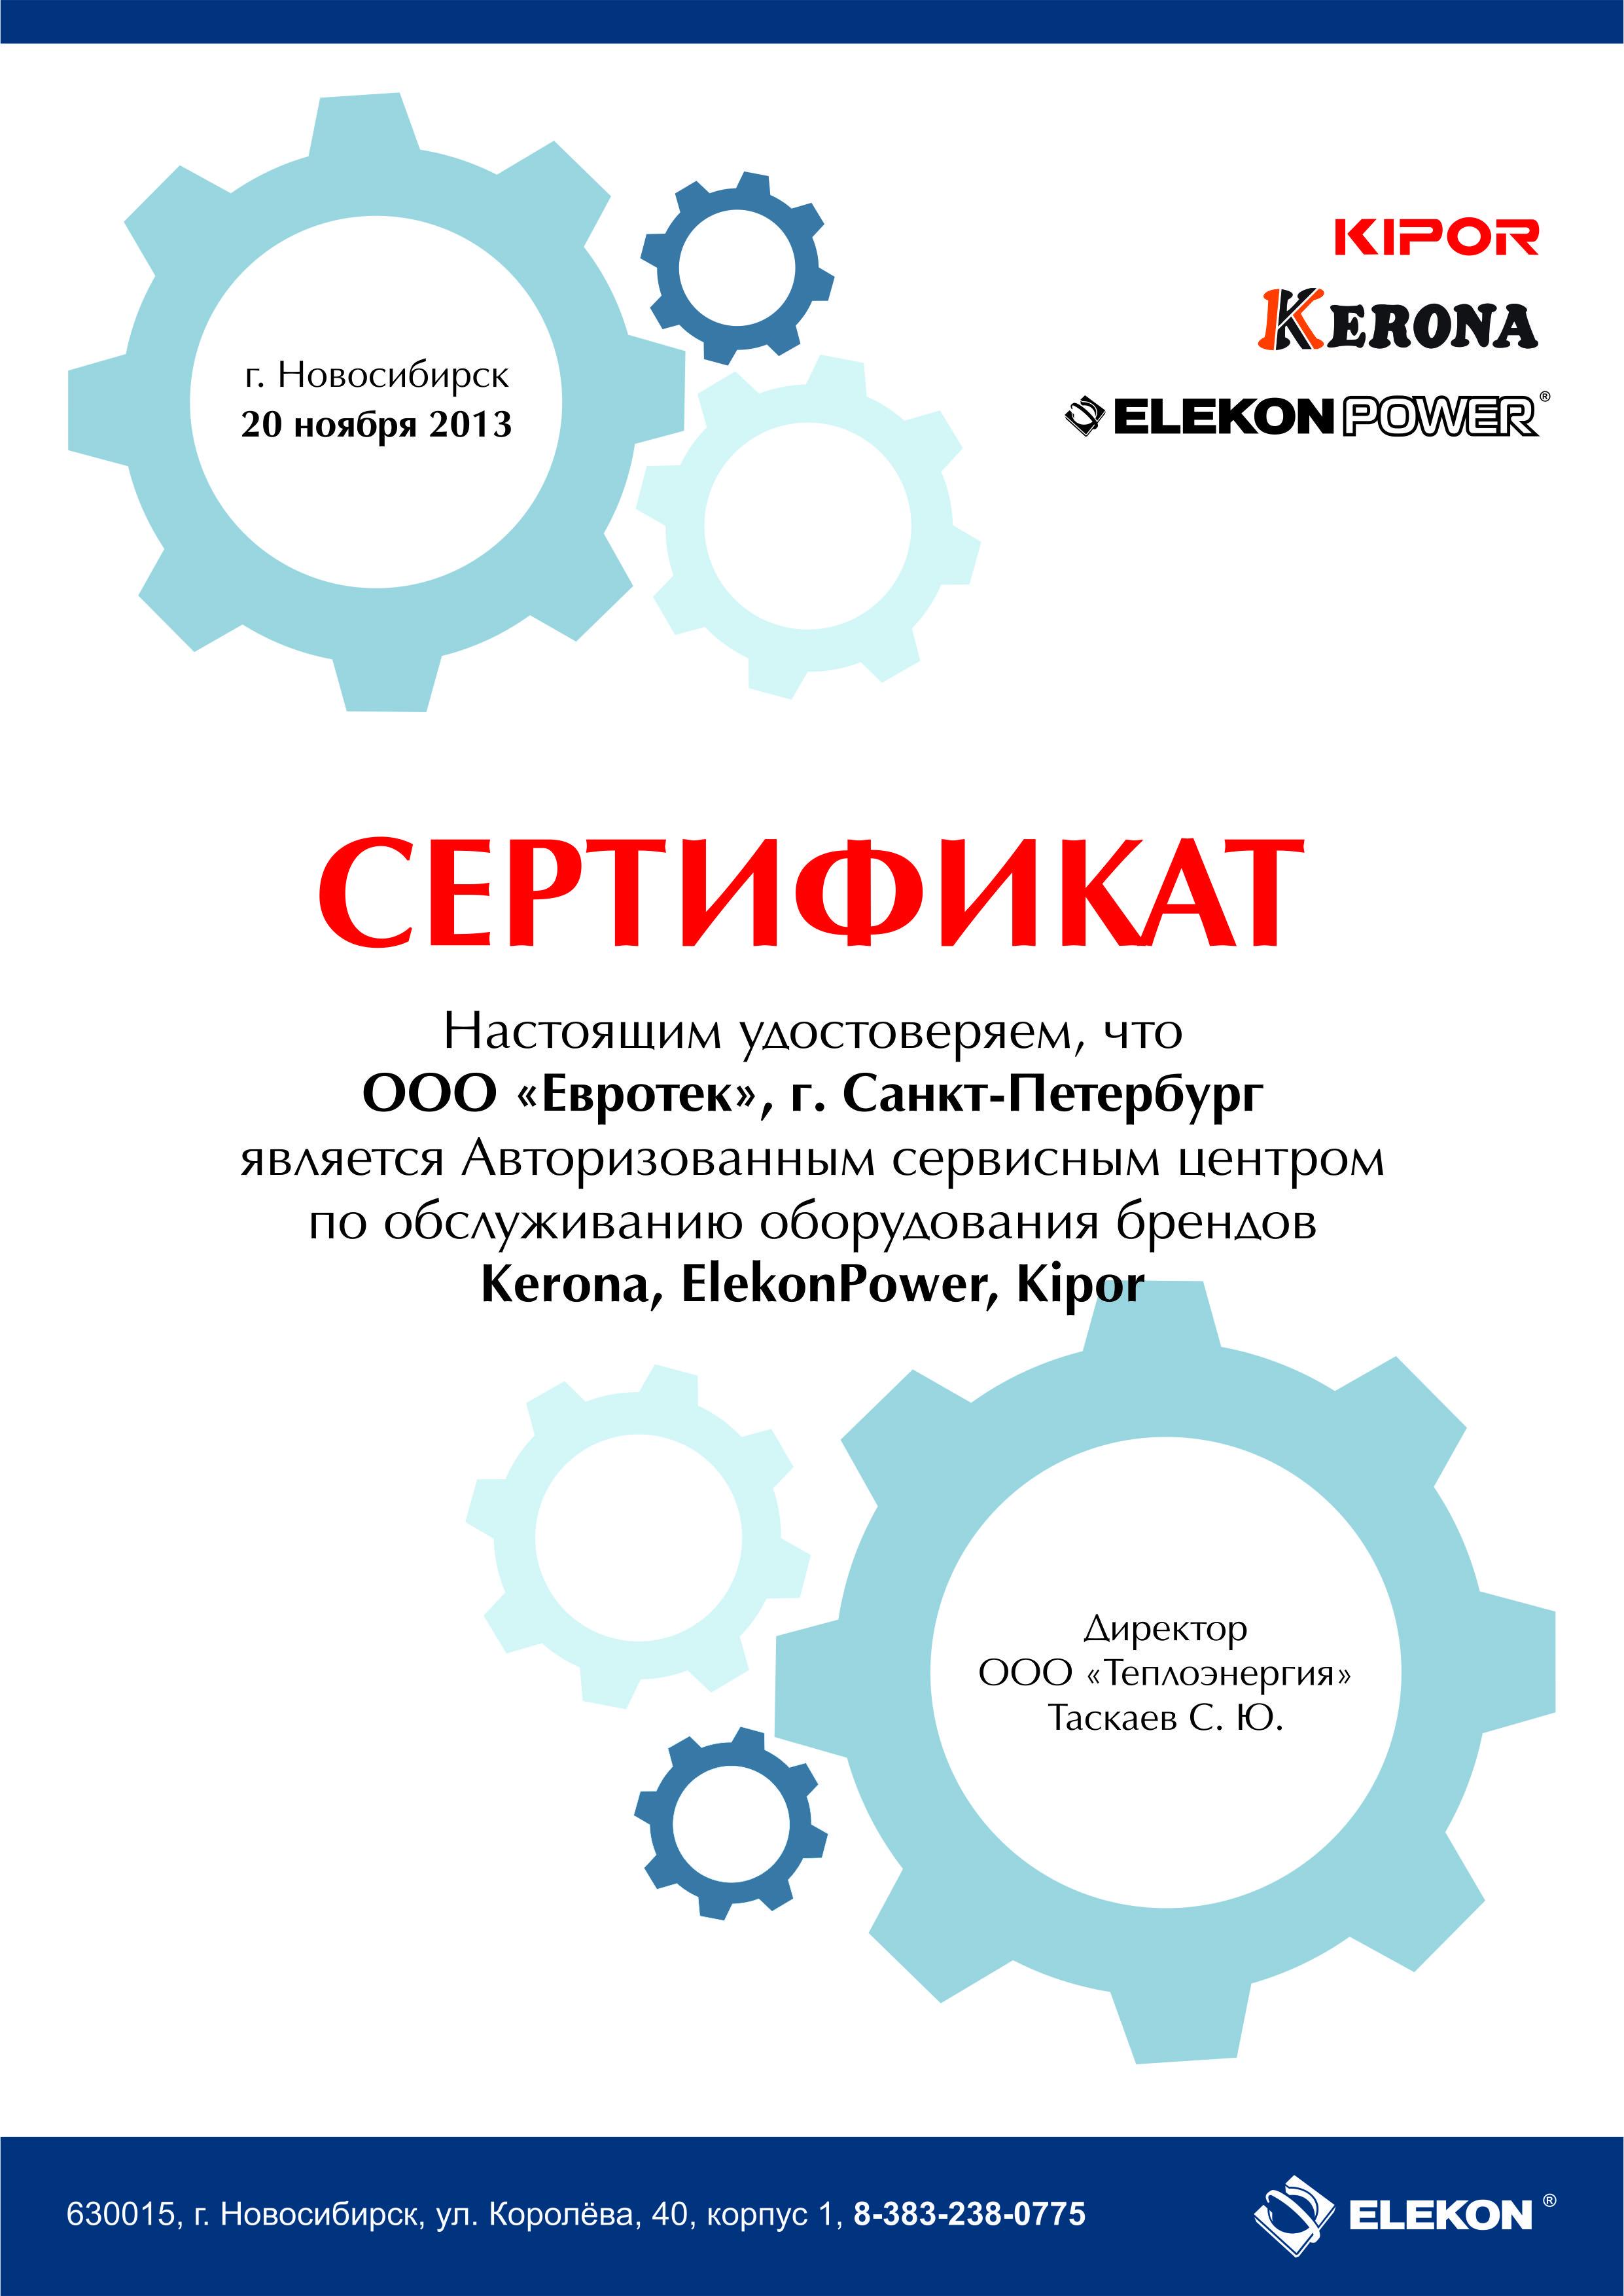 Ремонт тепловых пушек Kerona, Elekon и генераторов Kipor